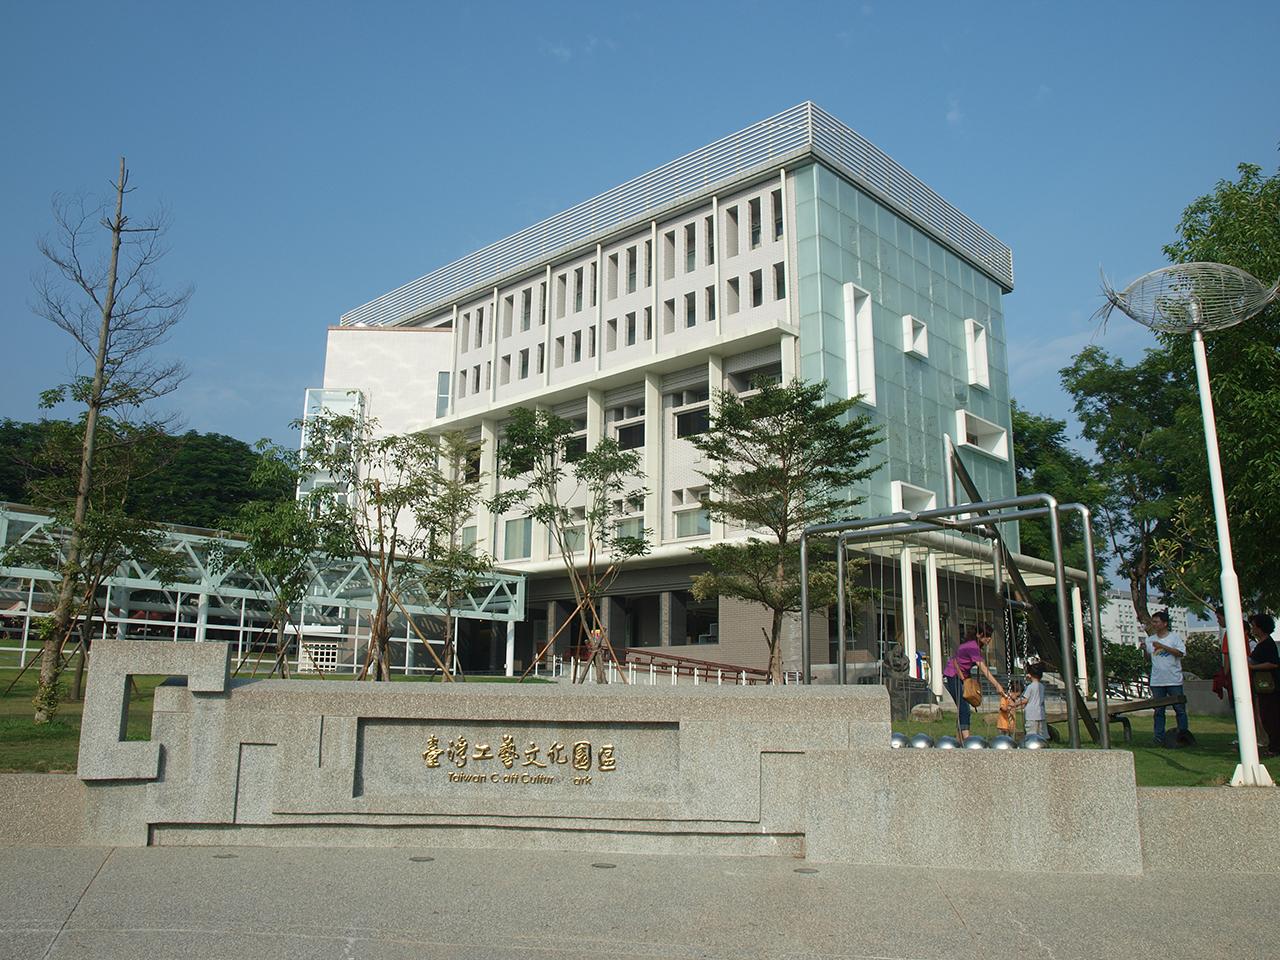 國立臺灣工藝研究發展中心